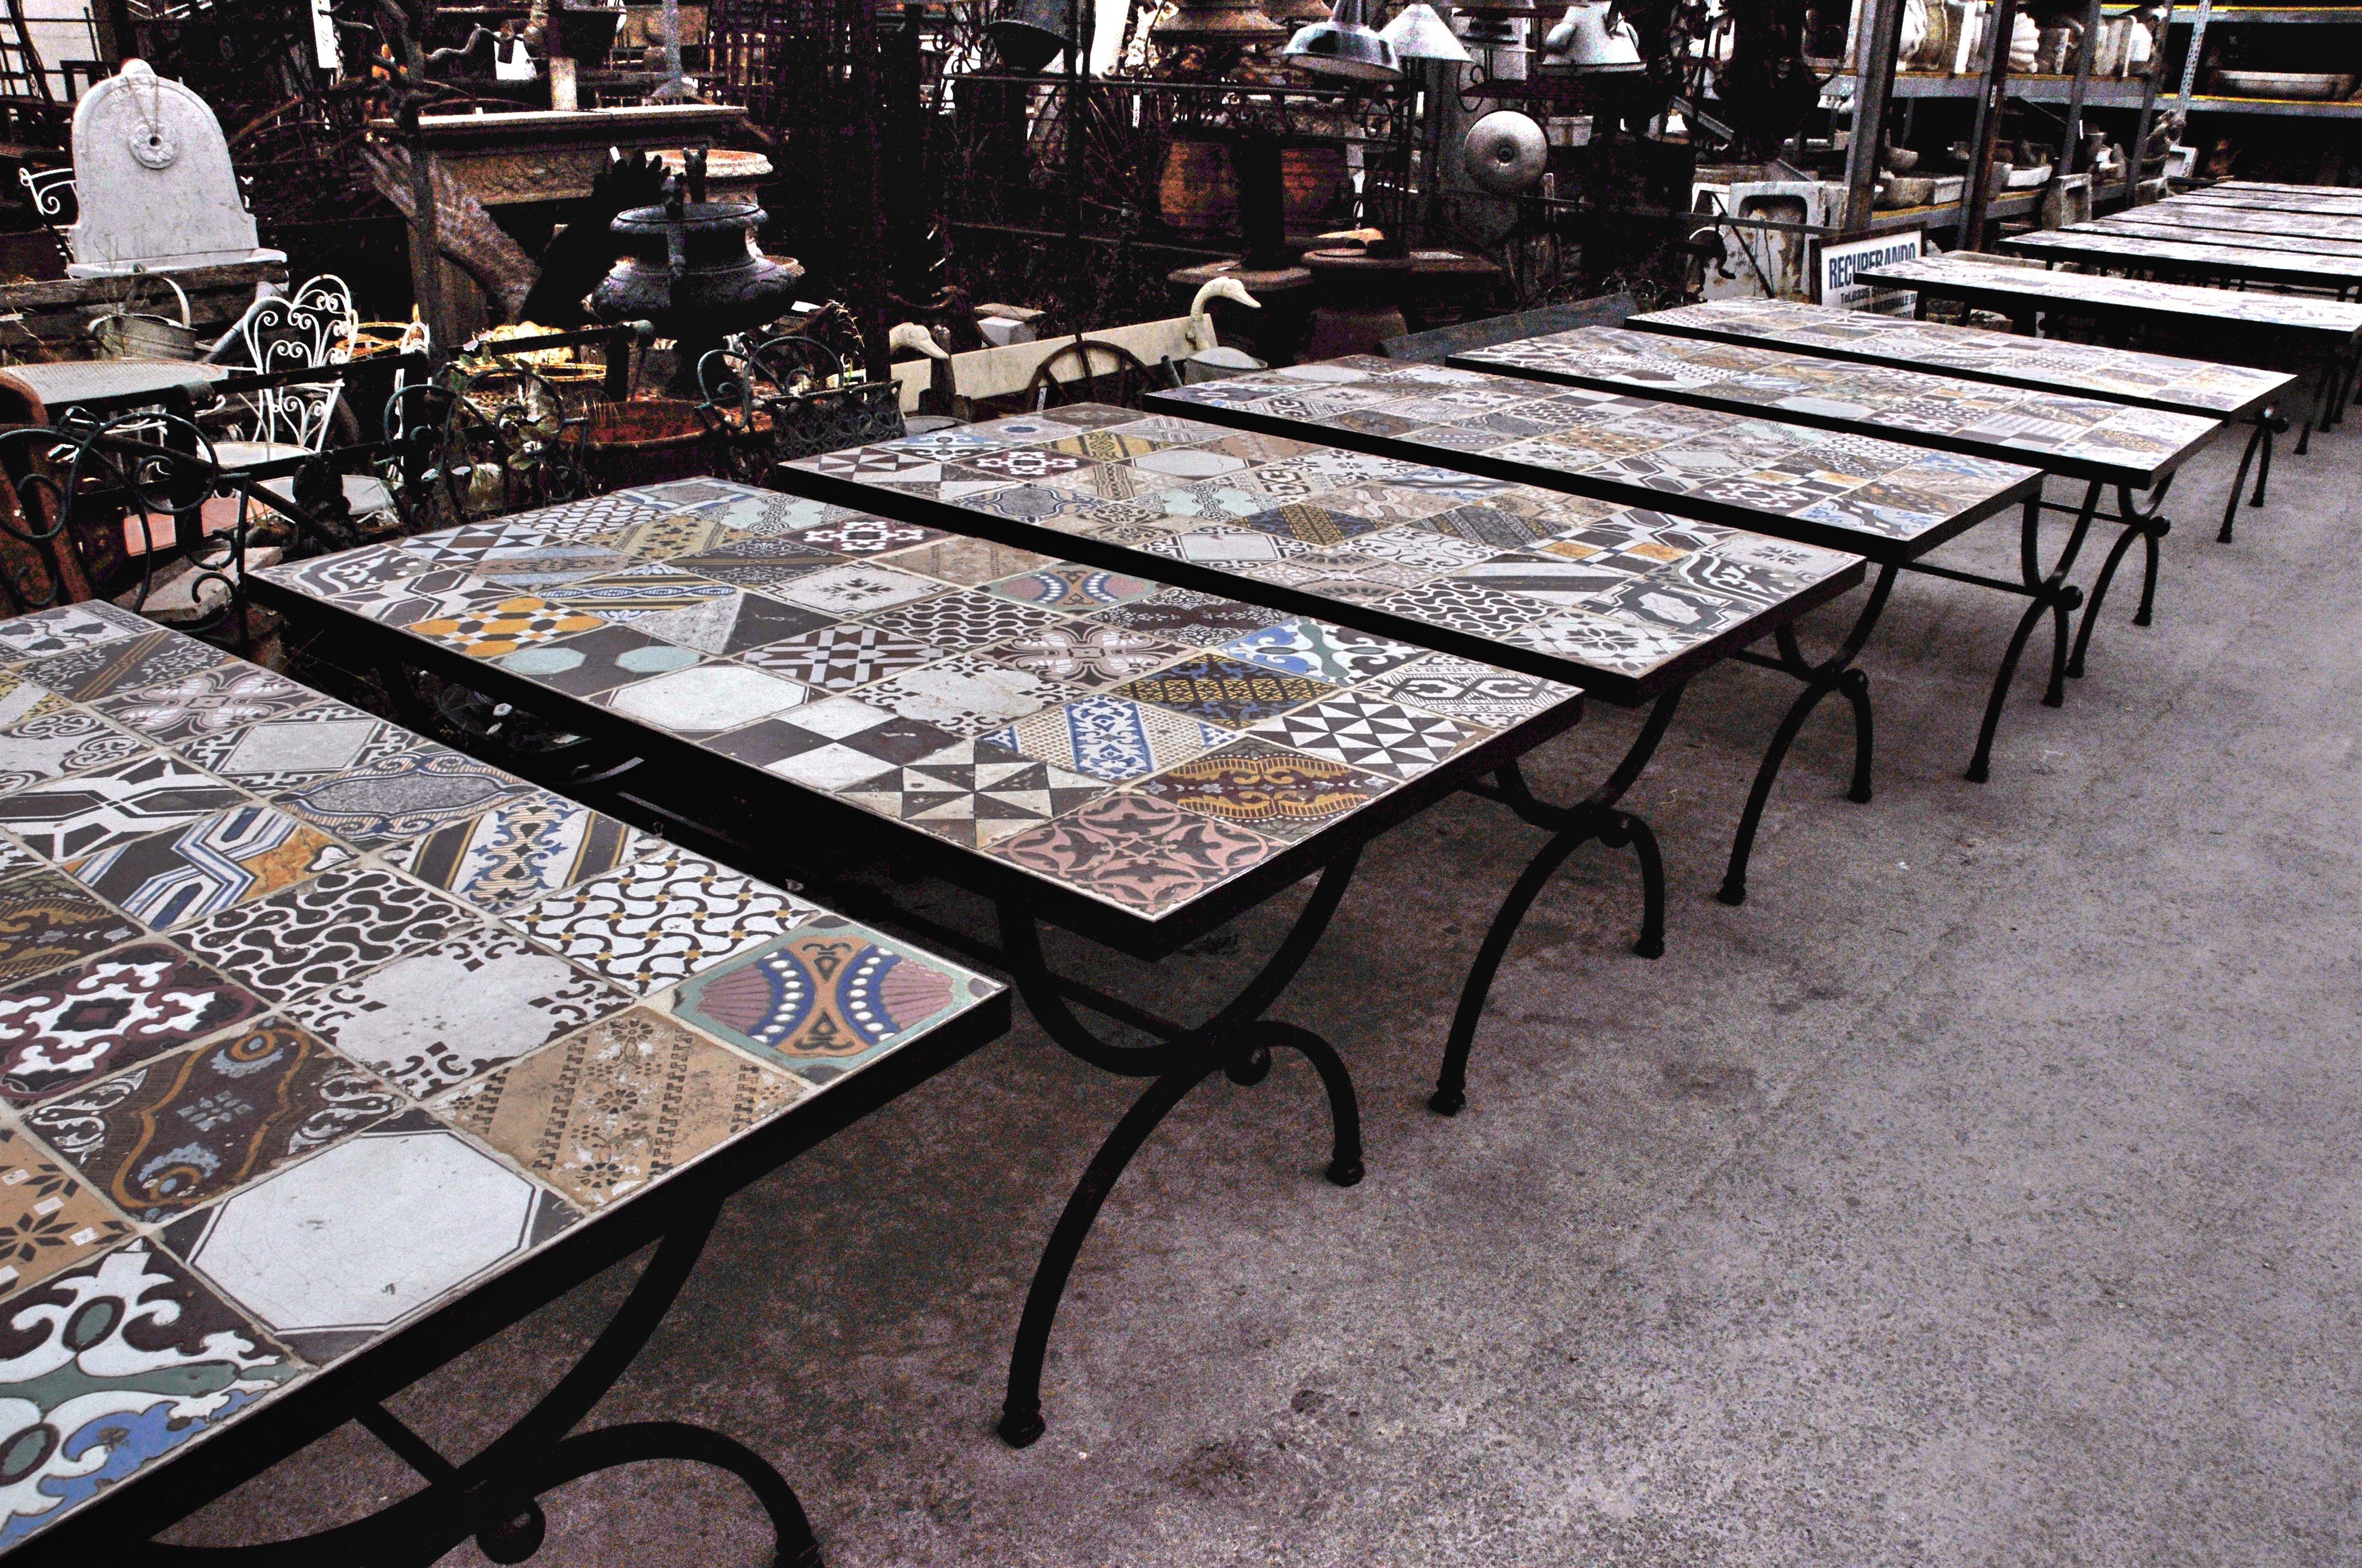 Tavolo In Ferro Battuto Prezzo : Tavolo in ferro con piastrelle antiche di maiolica codice